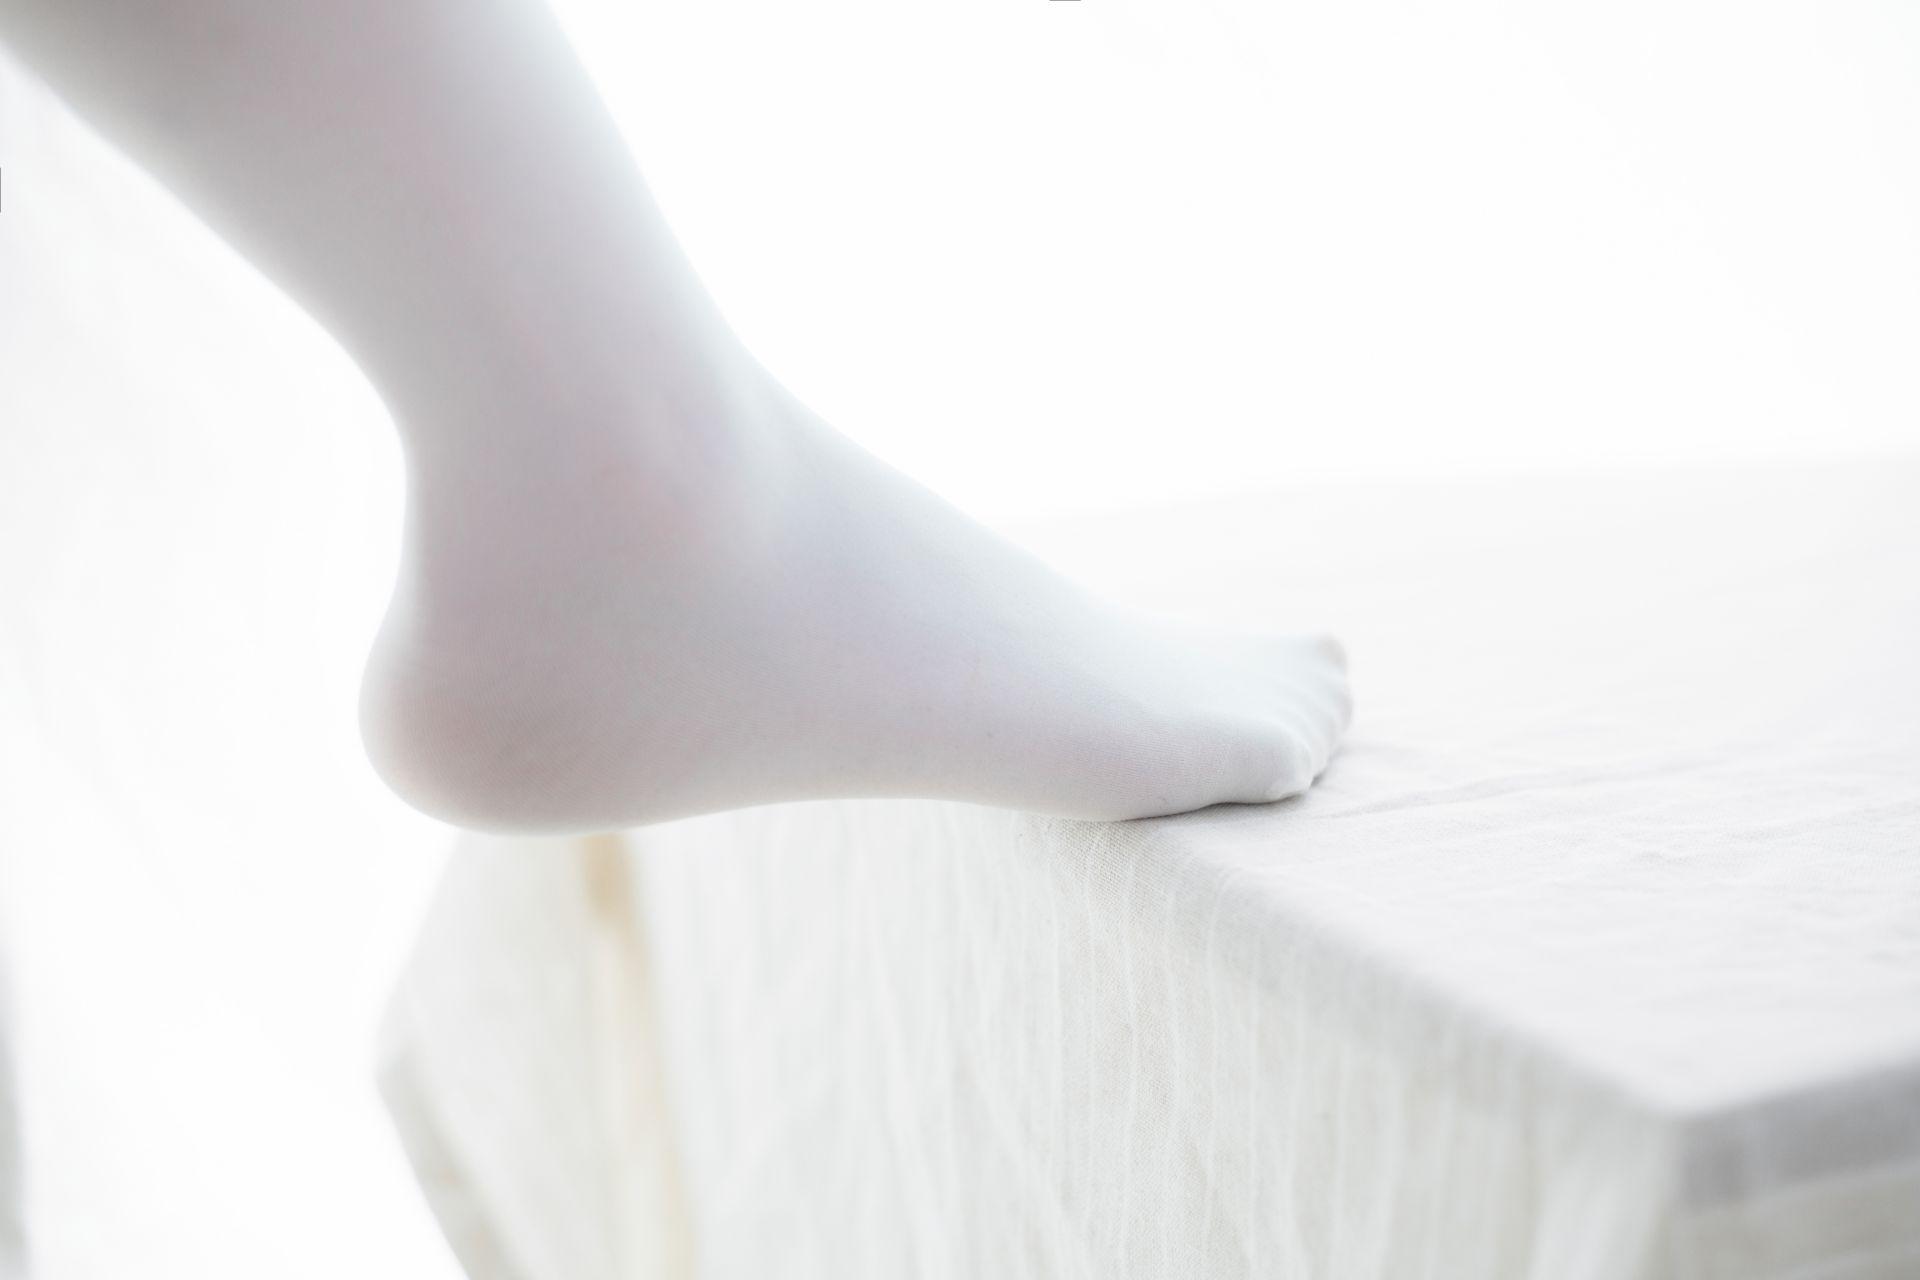 少女秩序 VOL.015 超薄丝袜的质感 兔玩映画 第18张